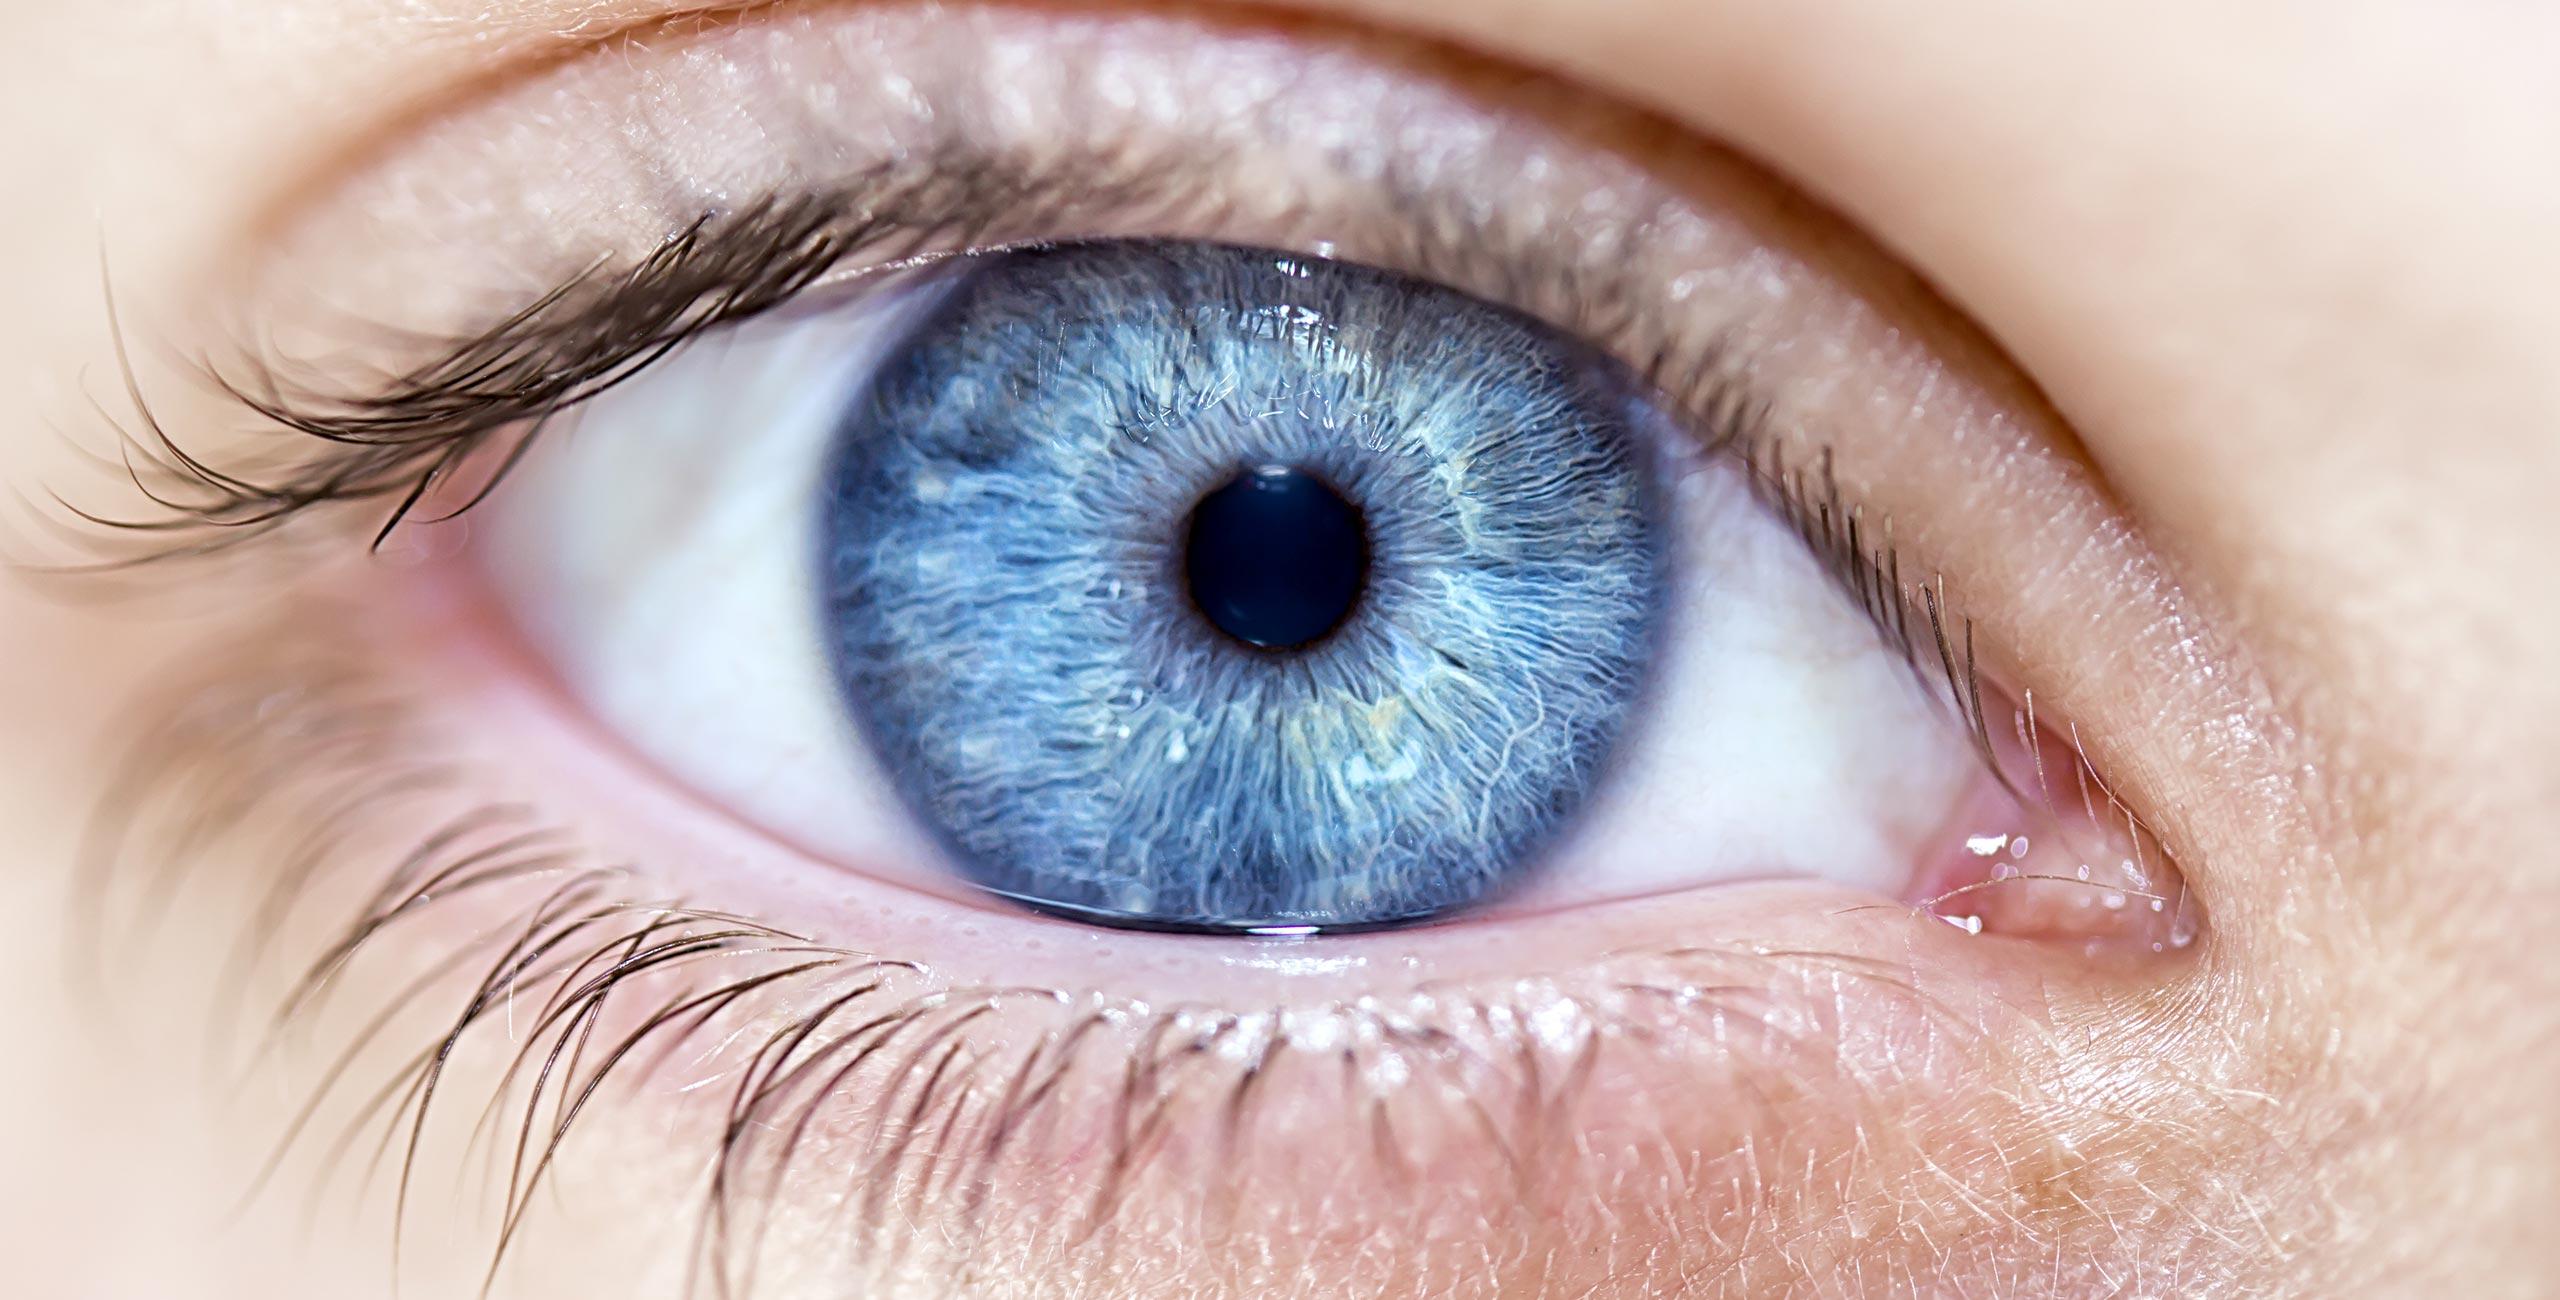 Les différents pathologies de l'œil - Centre ophtalmologique COSS Paris 5